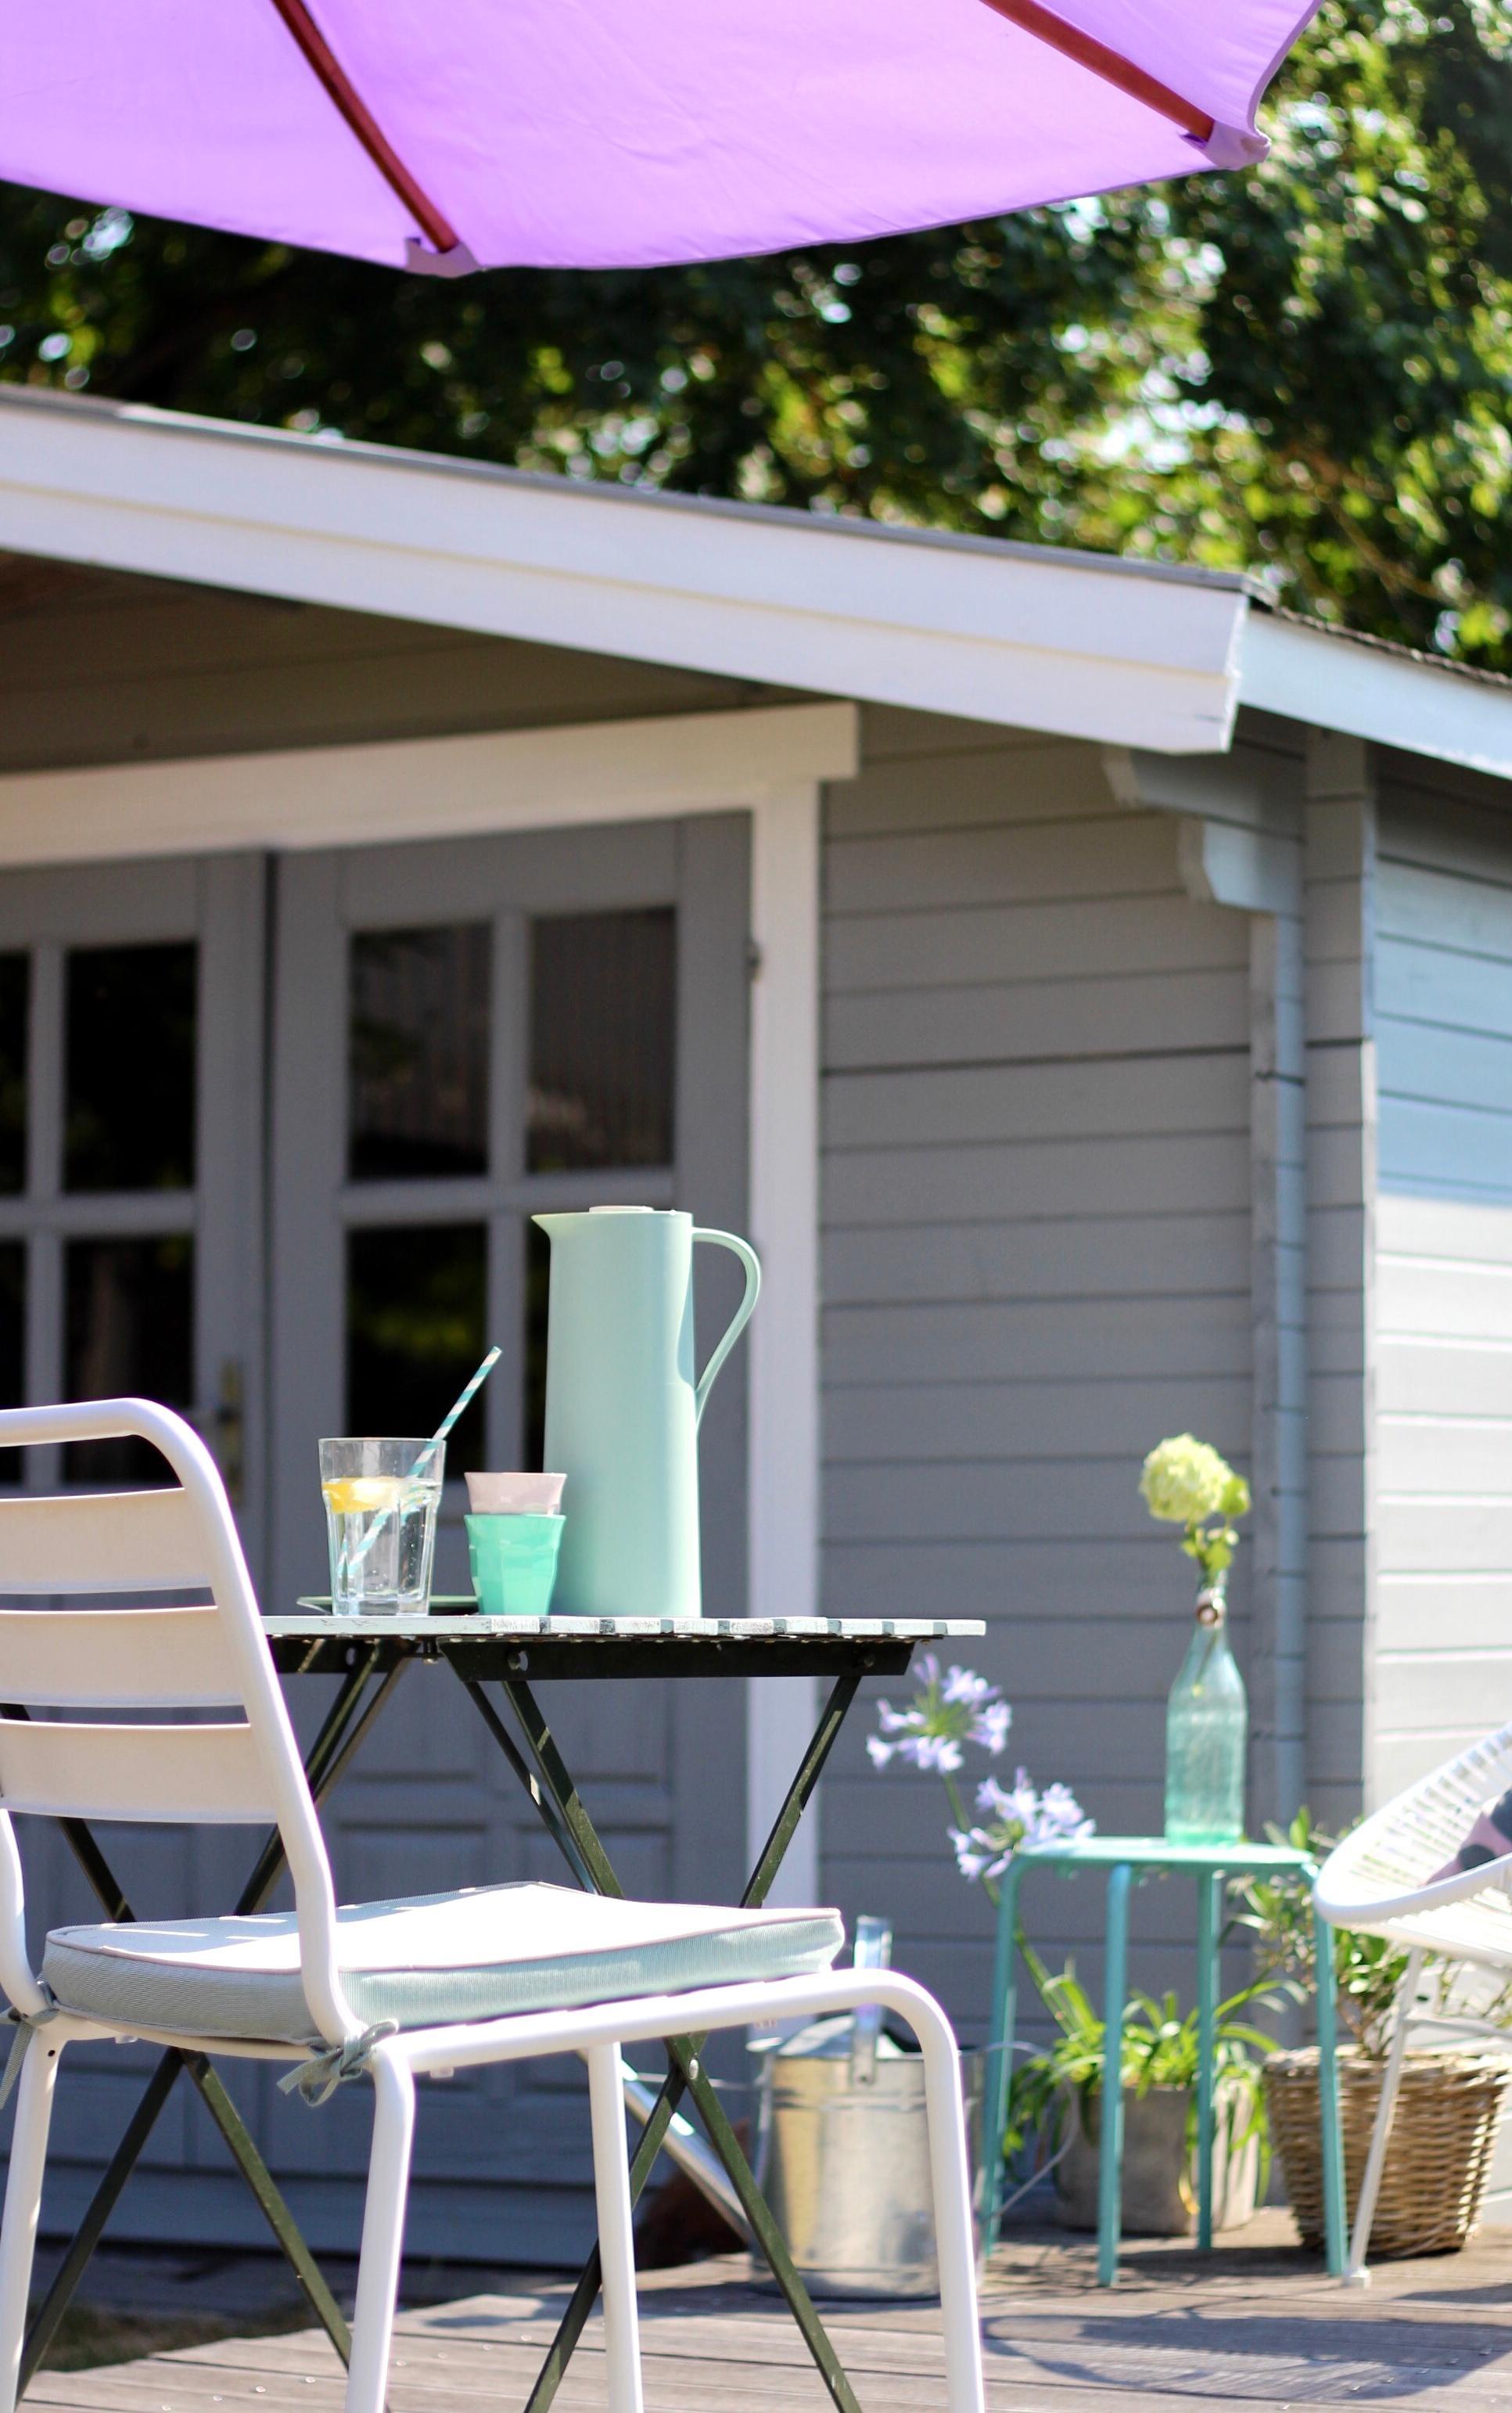 #living #outdoor #garten #balkon #sonnenplatz #sonnenschirm #gartenhaus